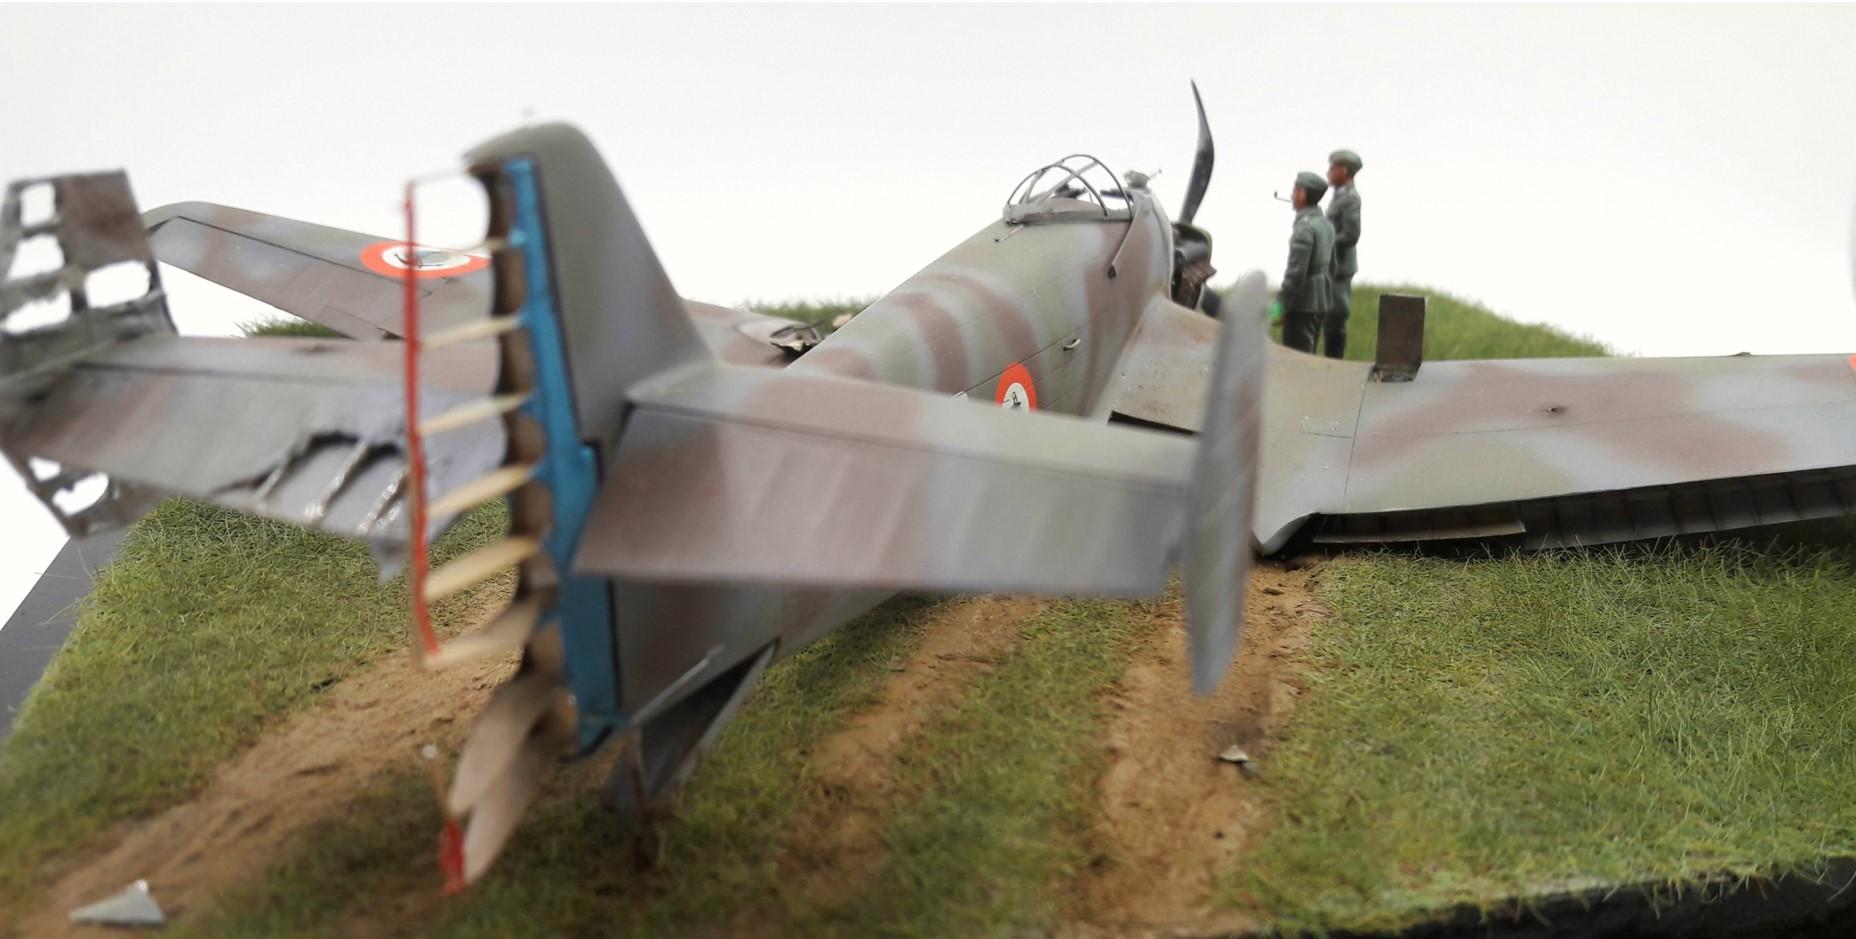 [Concours Aéronavale] Loire Nieuport 401/411 -  Special hobby 1/48 - crash à Villereau -le sacrifice des marins aviateurs du 19 mai 1940 - Mission Berlaimont  Image730